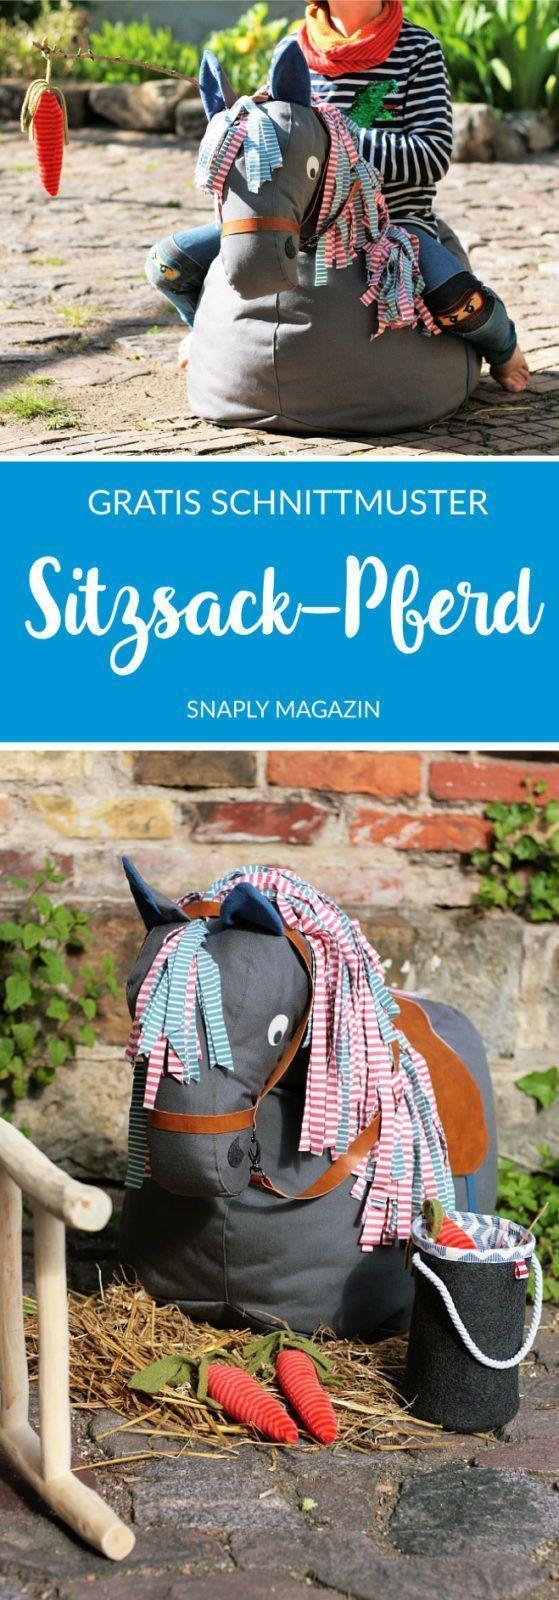 Kostenloses Schnittmuster für ein Sitzsack-Pferd   Snaply-Magazin